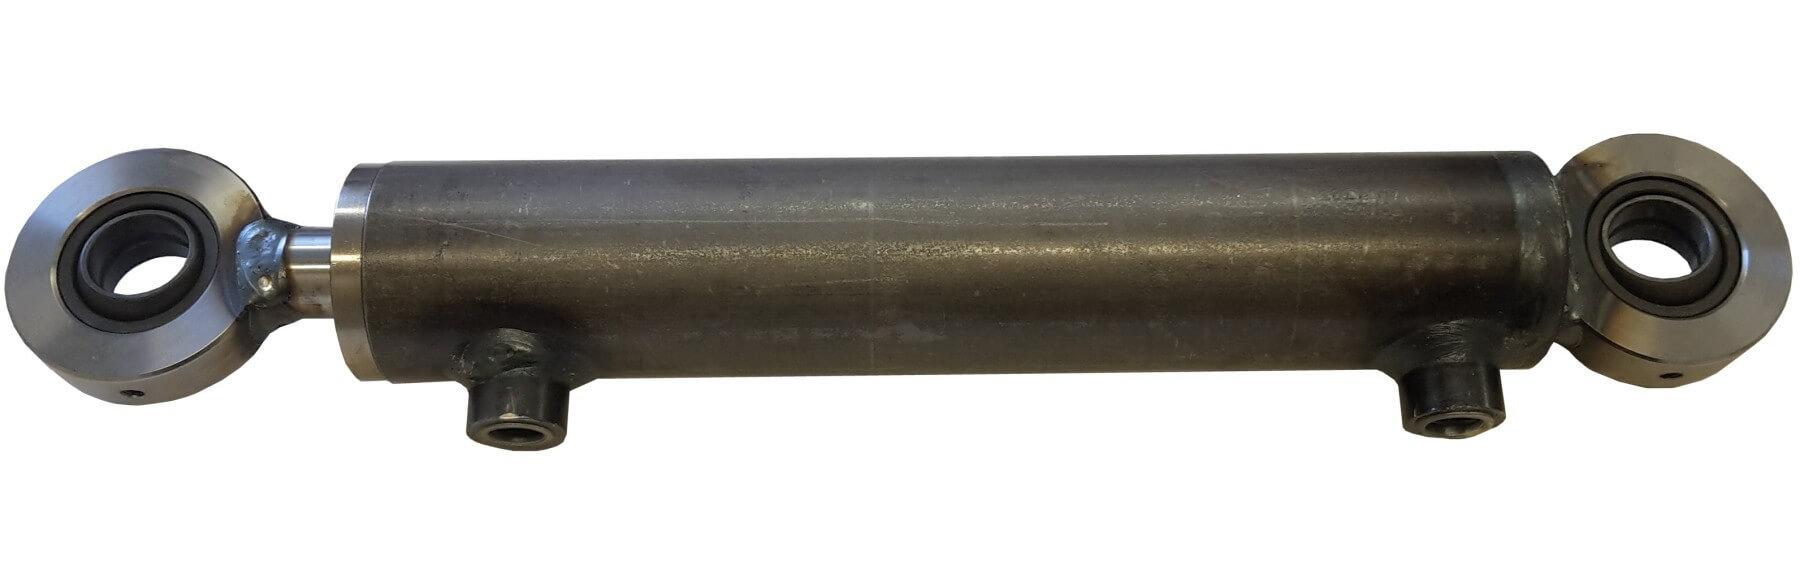 Hydraulisylinteri CL 70. 40. 500 GE - Kailatec Oy Verkkokauppa